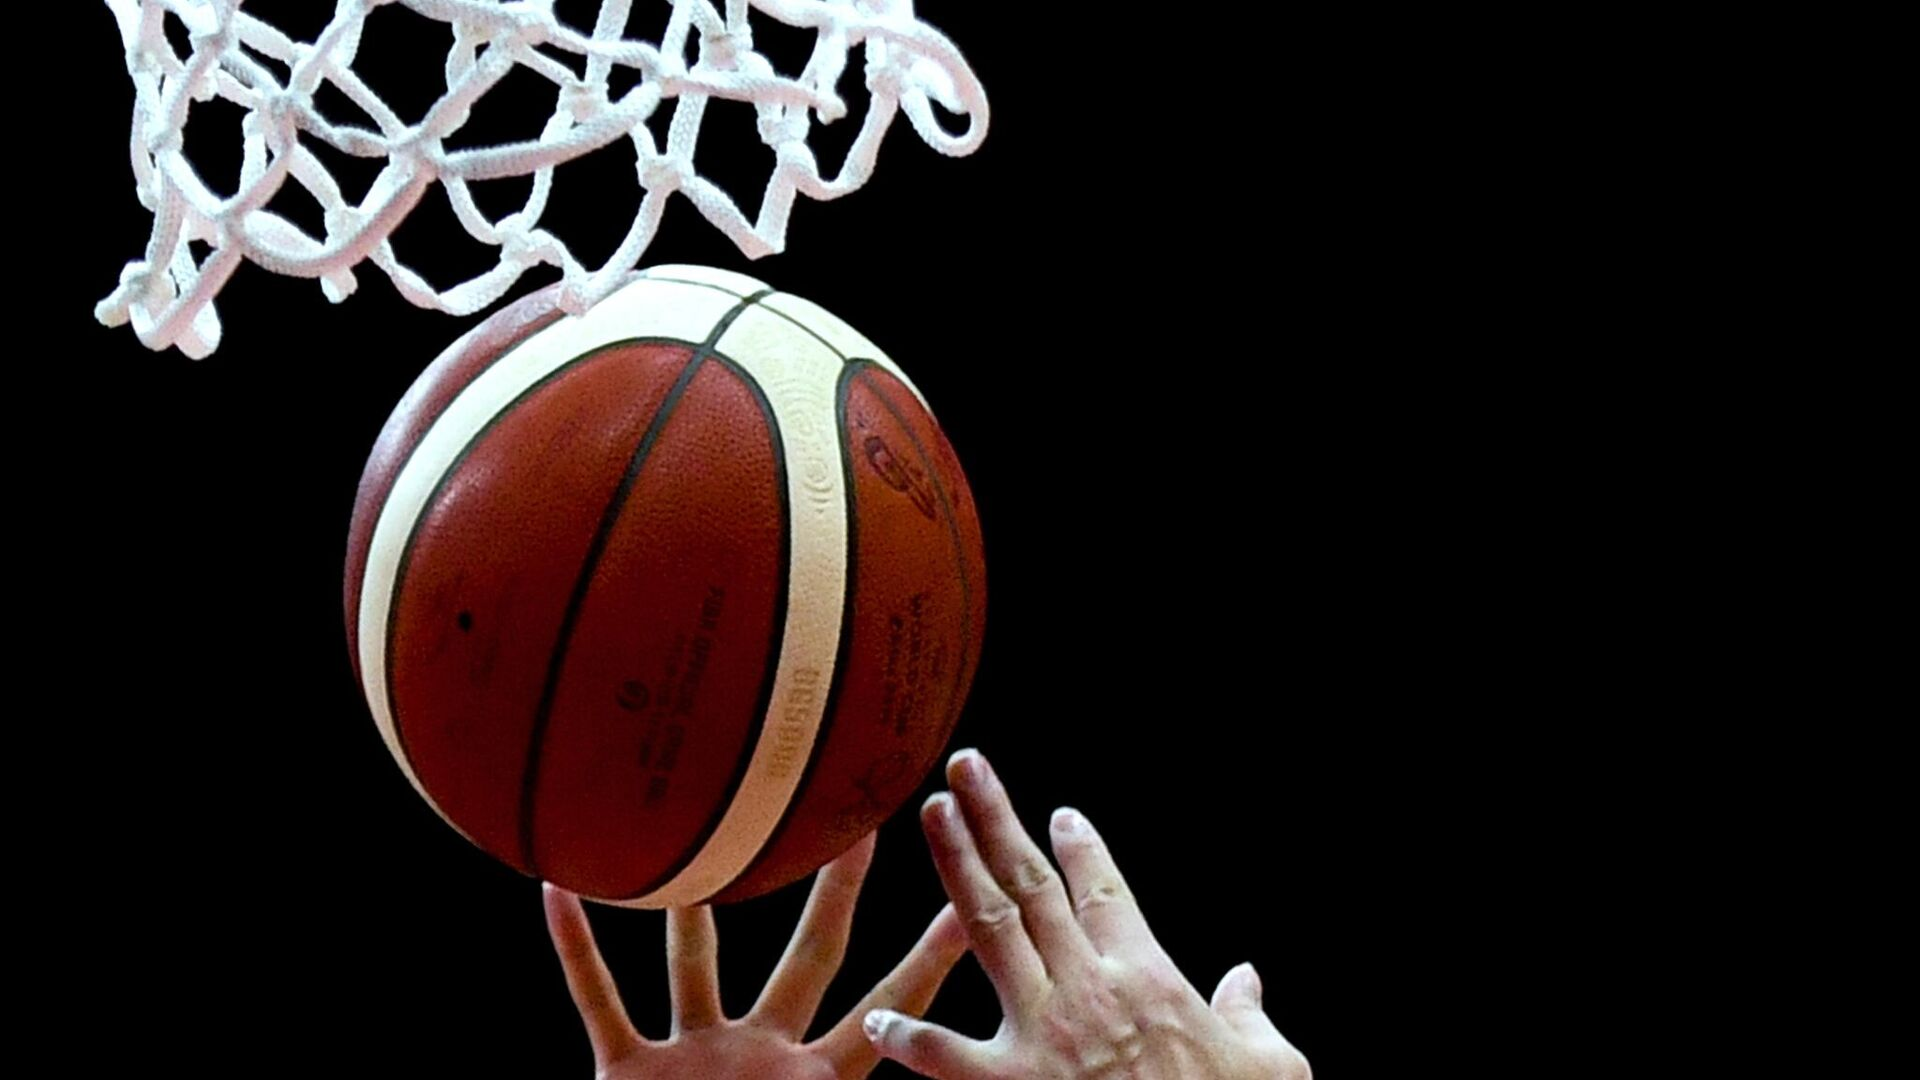 Баскетбол - РИА Новости, 1920, 03.11.2020